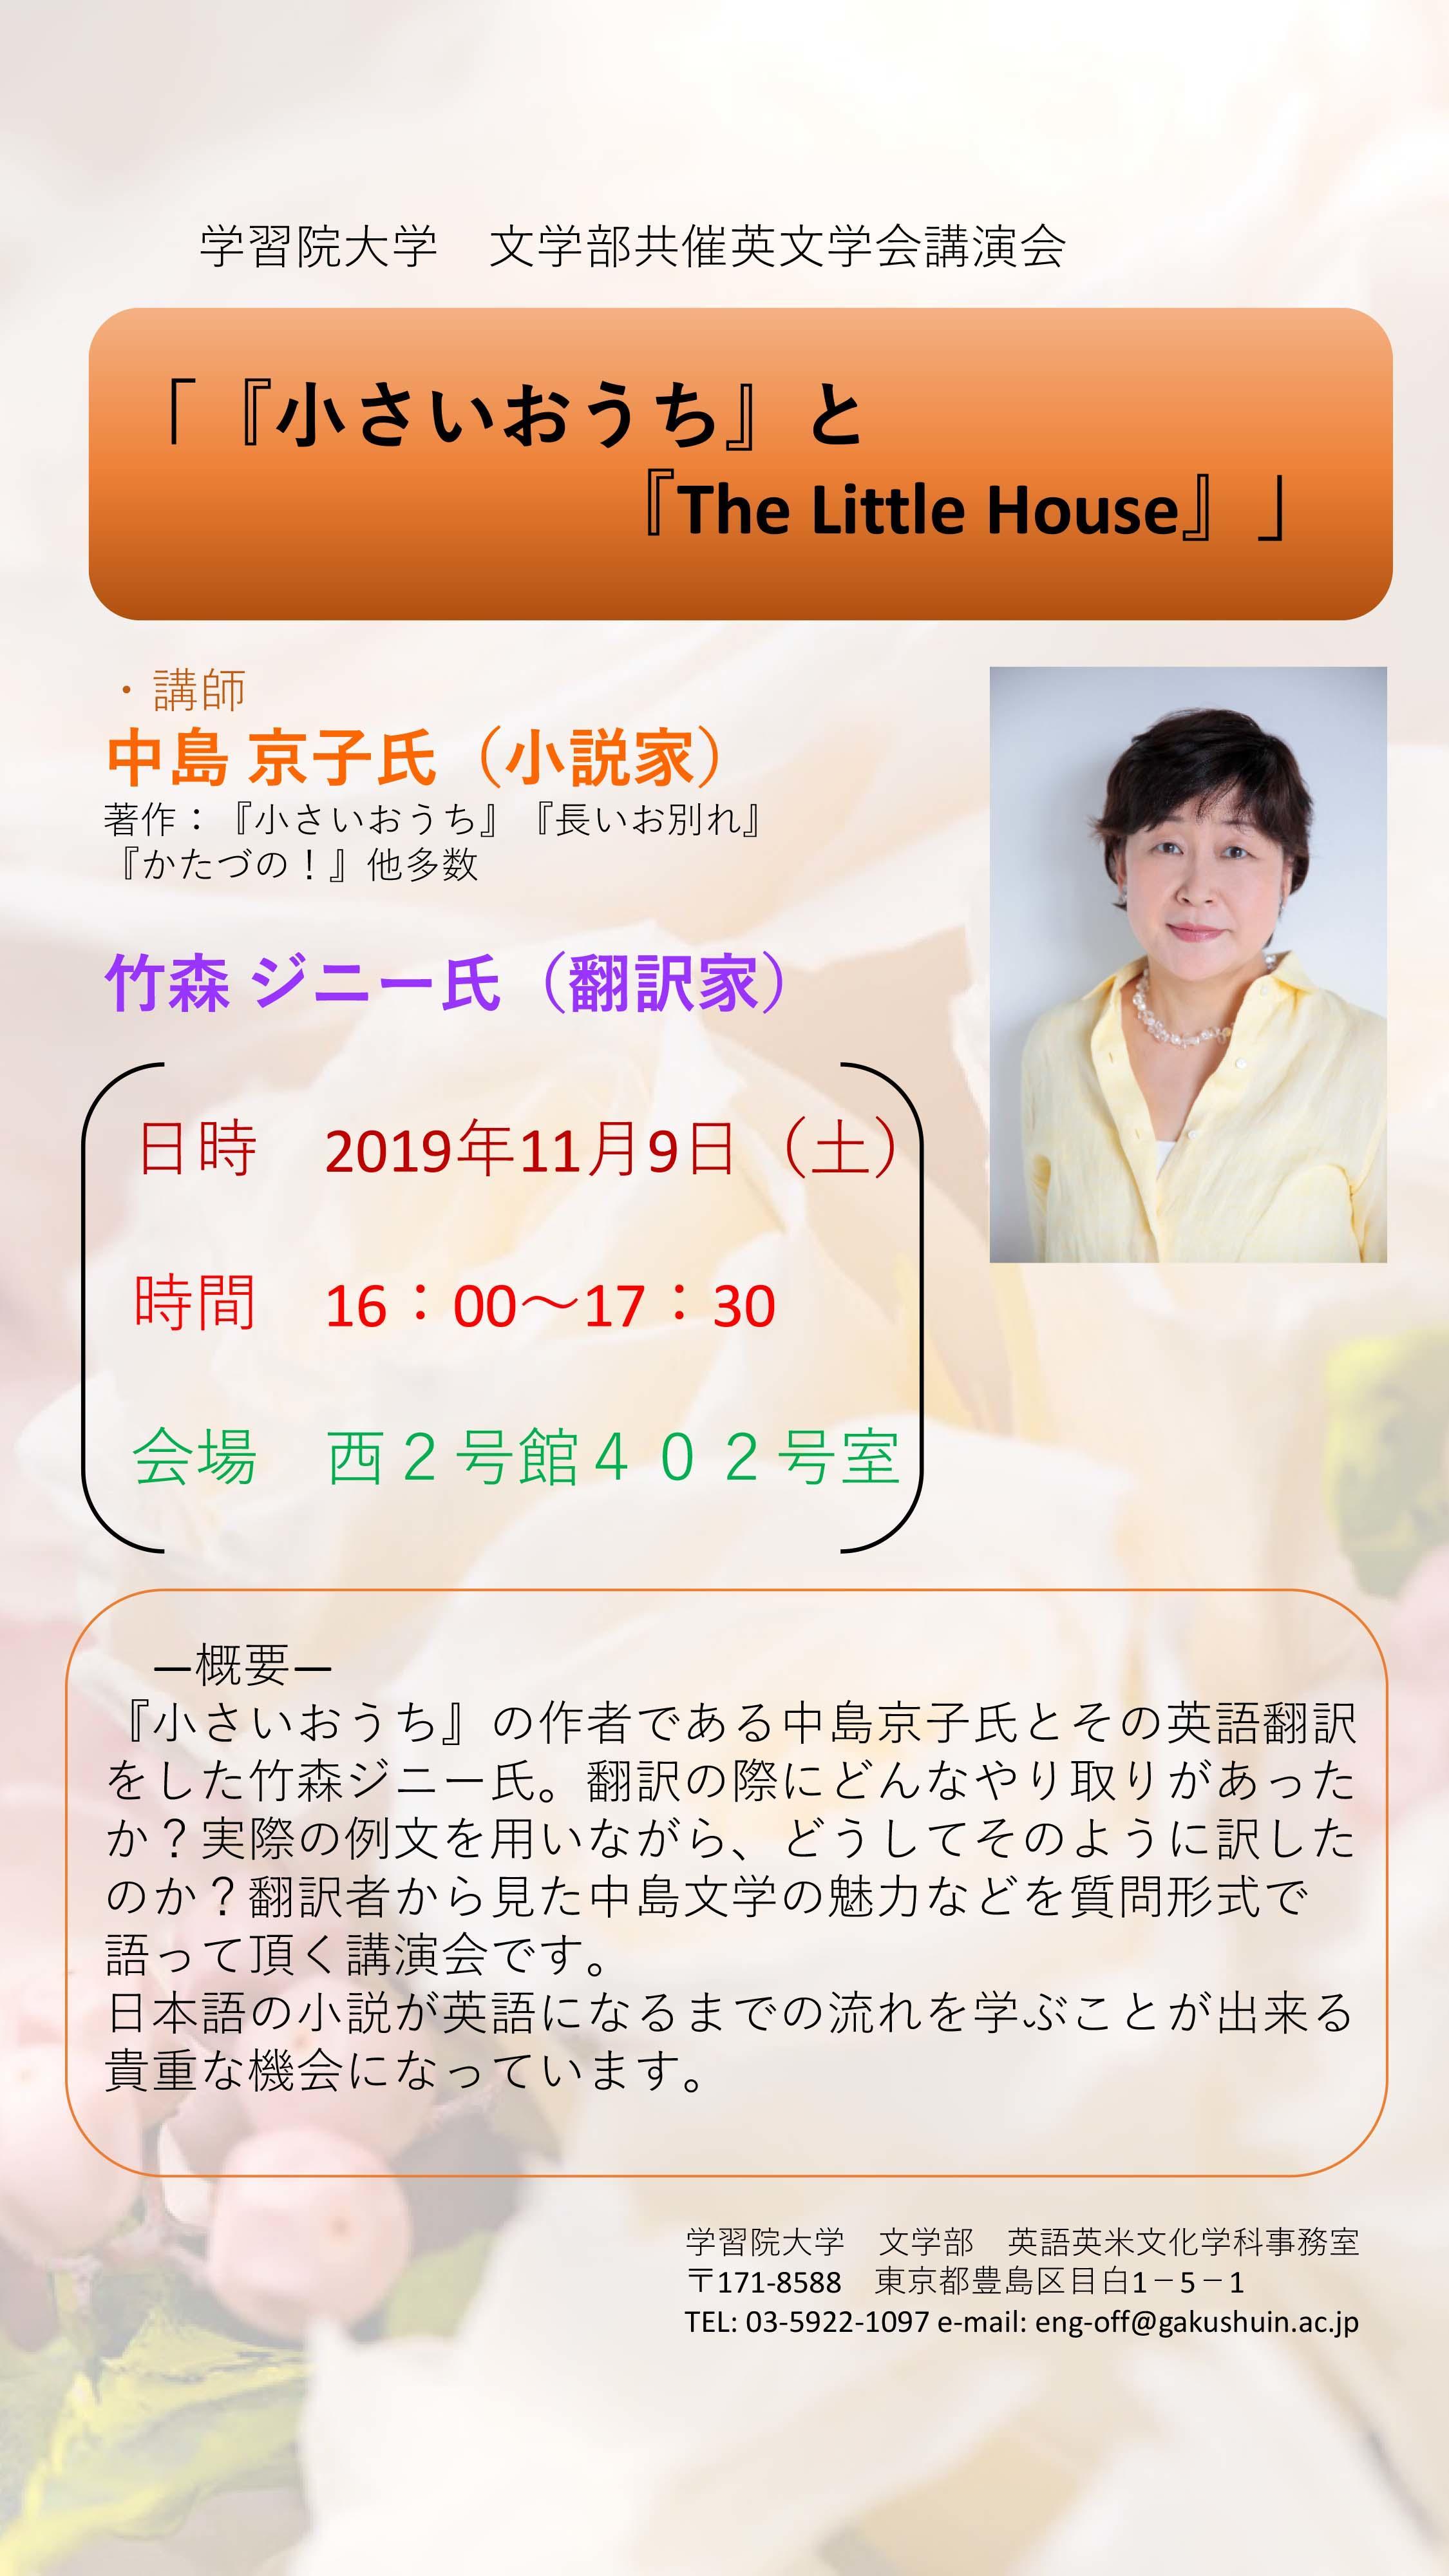 学習院大学が11月9日に直木賞作家の中島京子氏を招き講演会「『小さいおうち』と『The Little House』」を開催